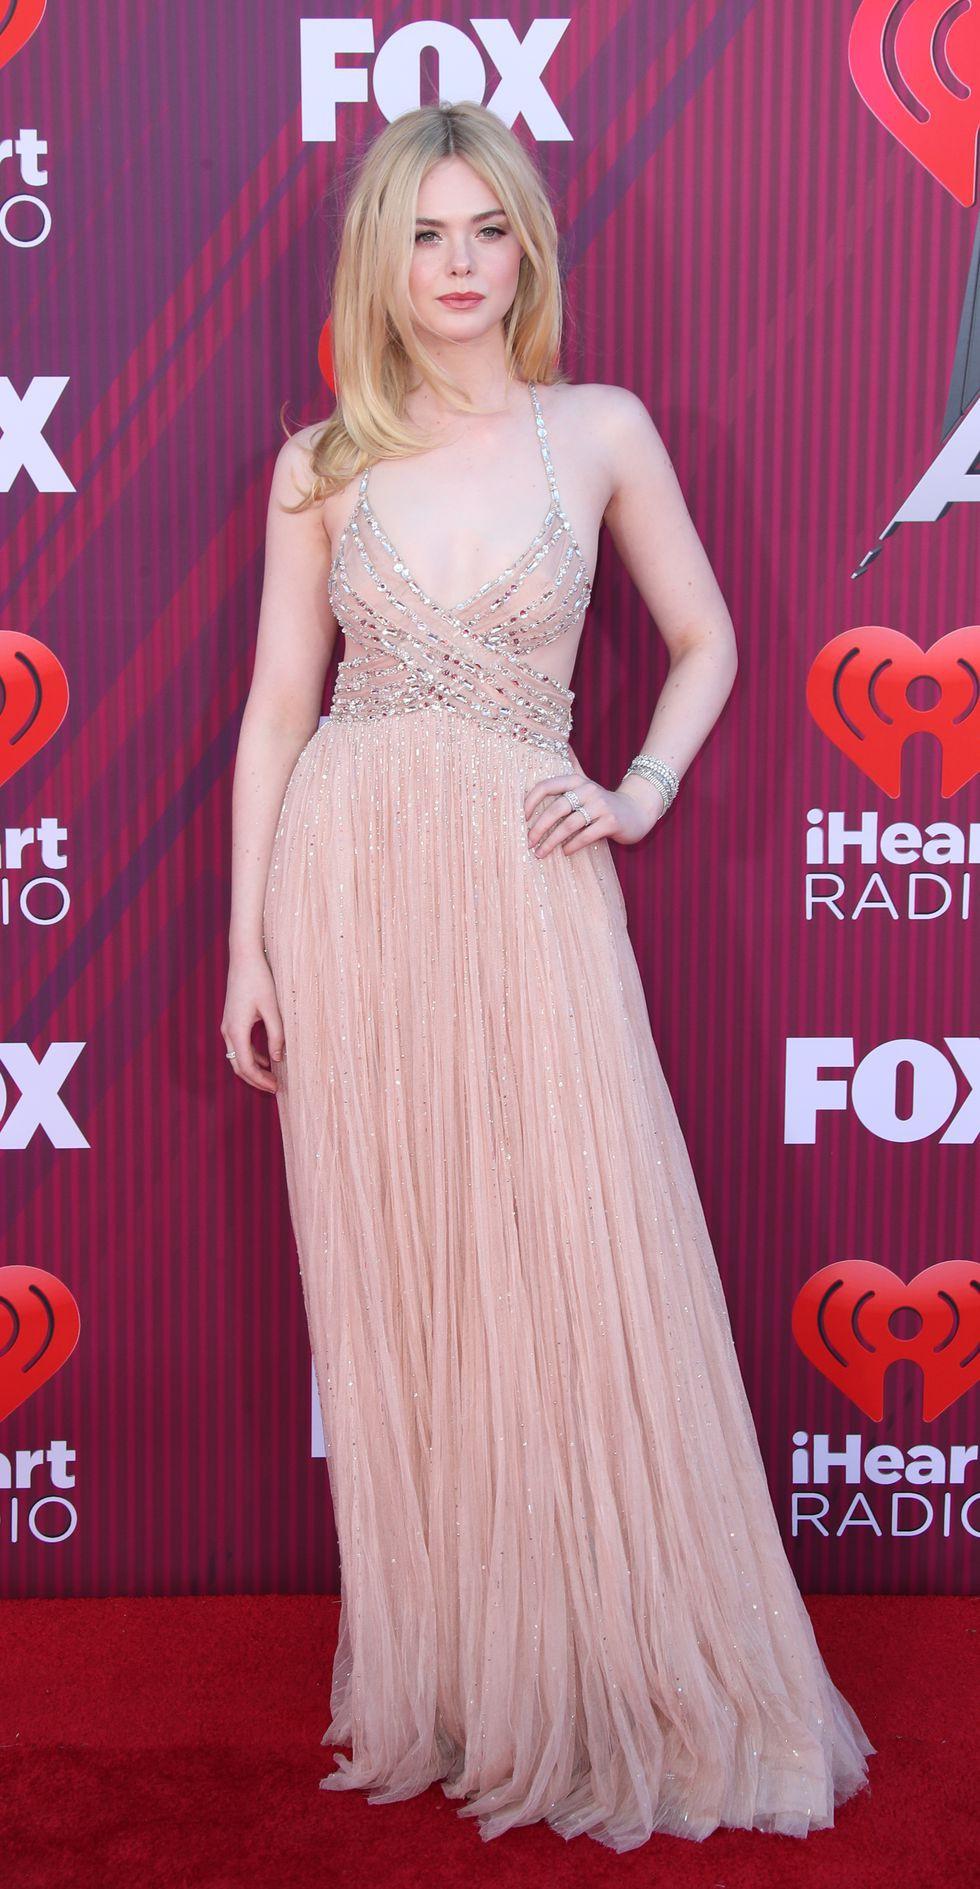 Thảm đỏ iHeartRadio: Taylor Swift chiếm hết spotlight, Katy Perry và Tiffany (SNSD) diện đồ khó đỡ - Ảnh 11.